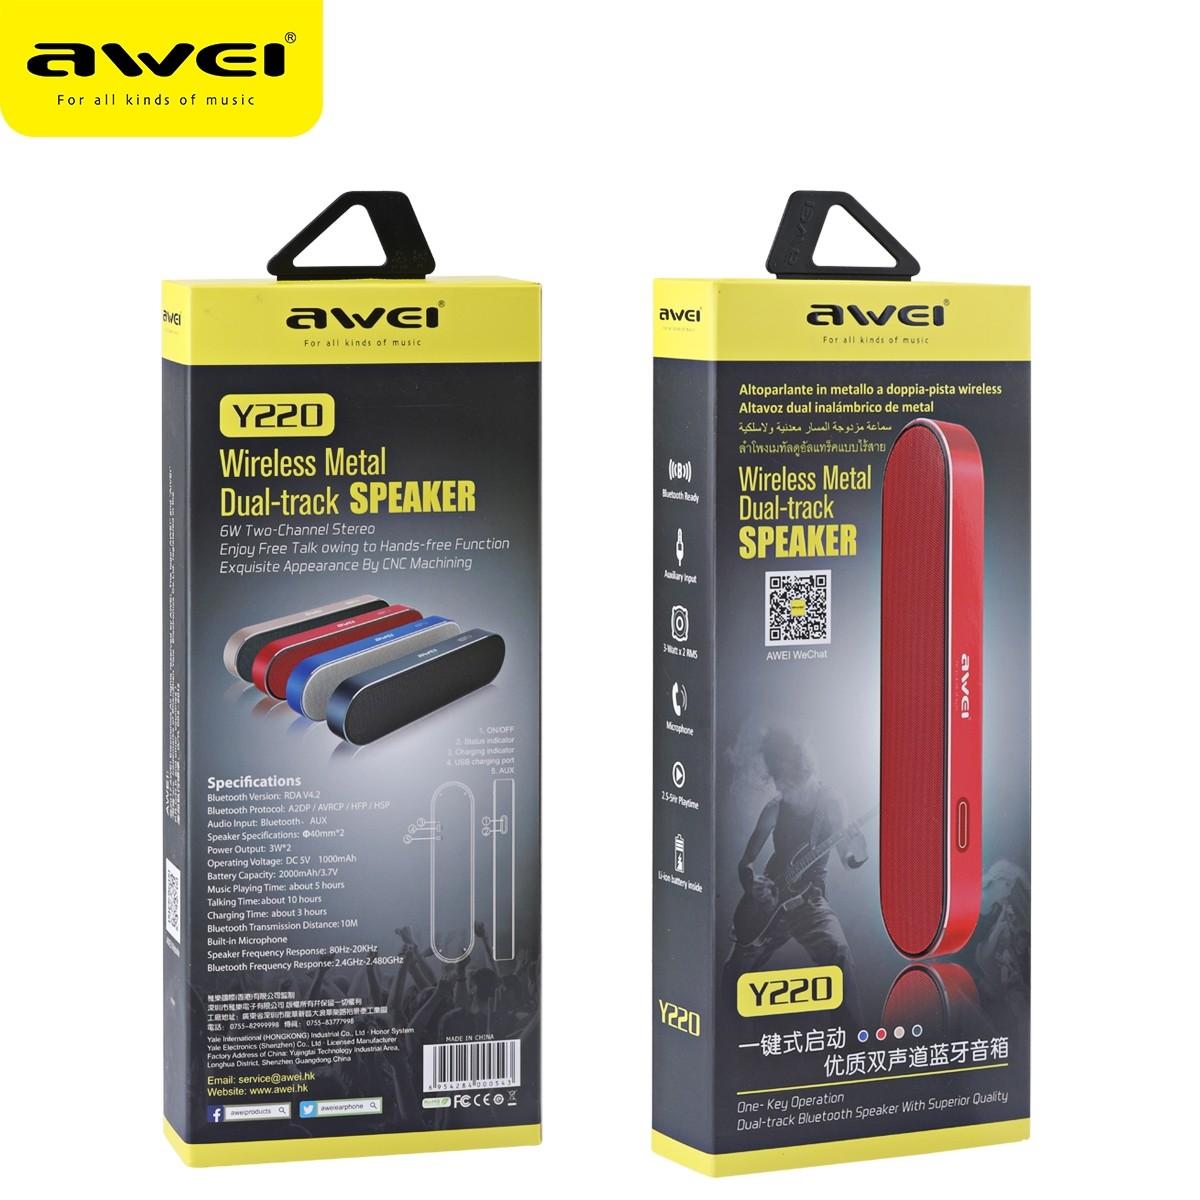 Awei Y220 Bluetooth Portable Wireless Speaker (5)